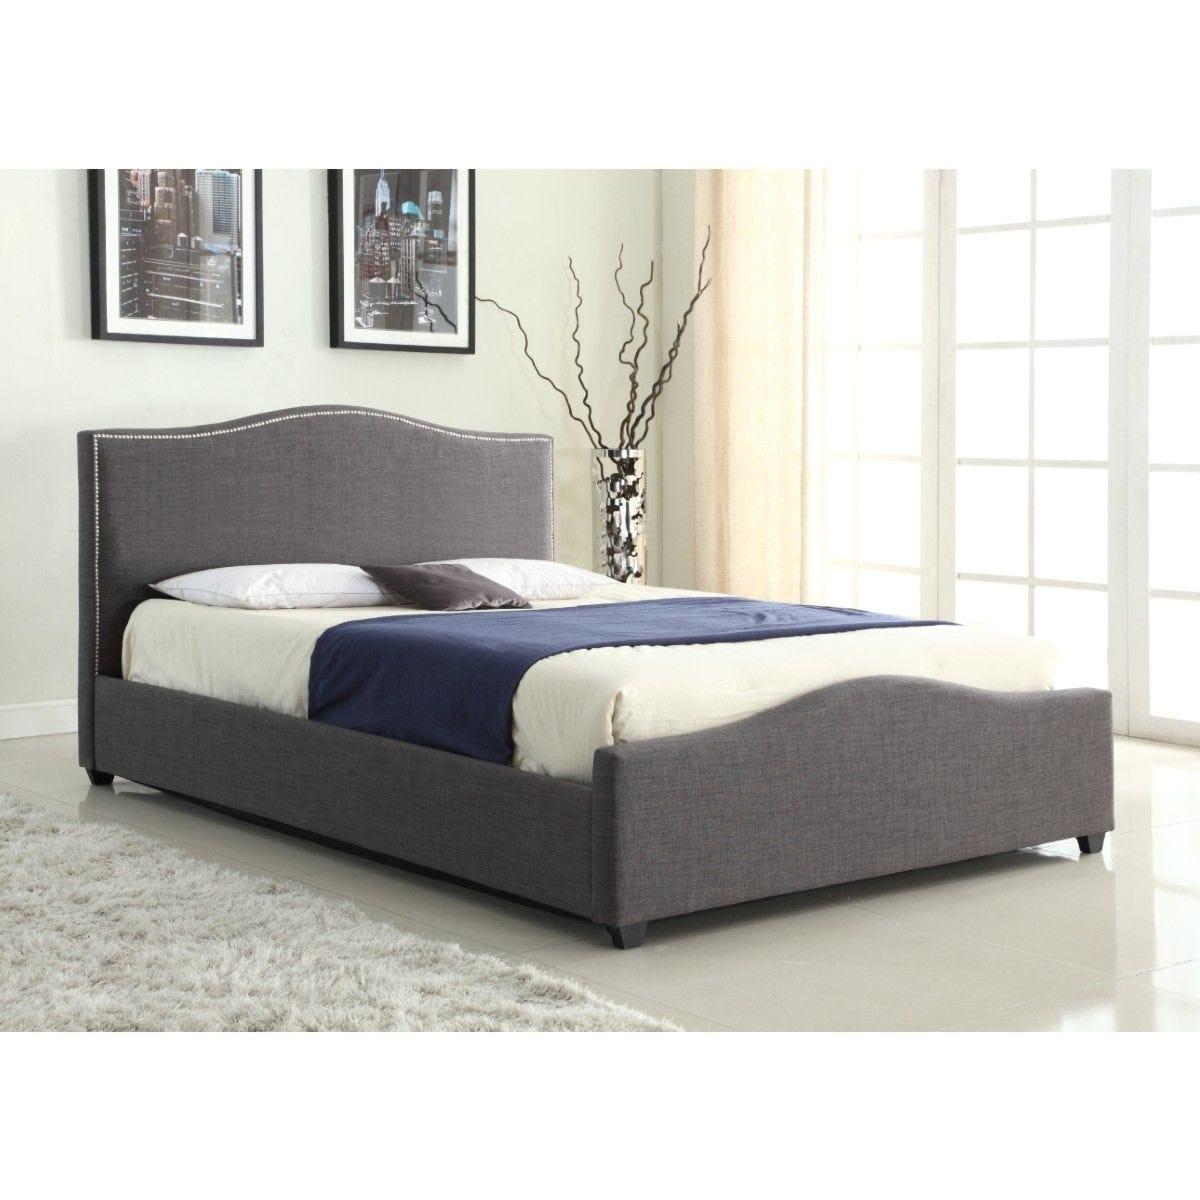 Elle Storage Linen King Size Bed Grey